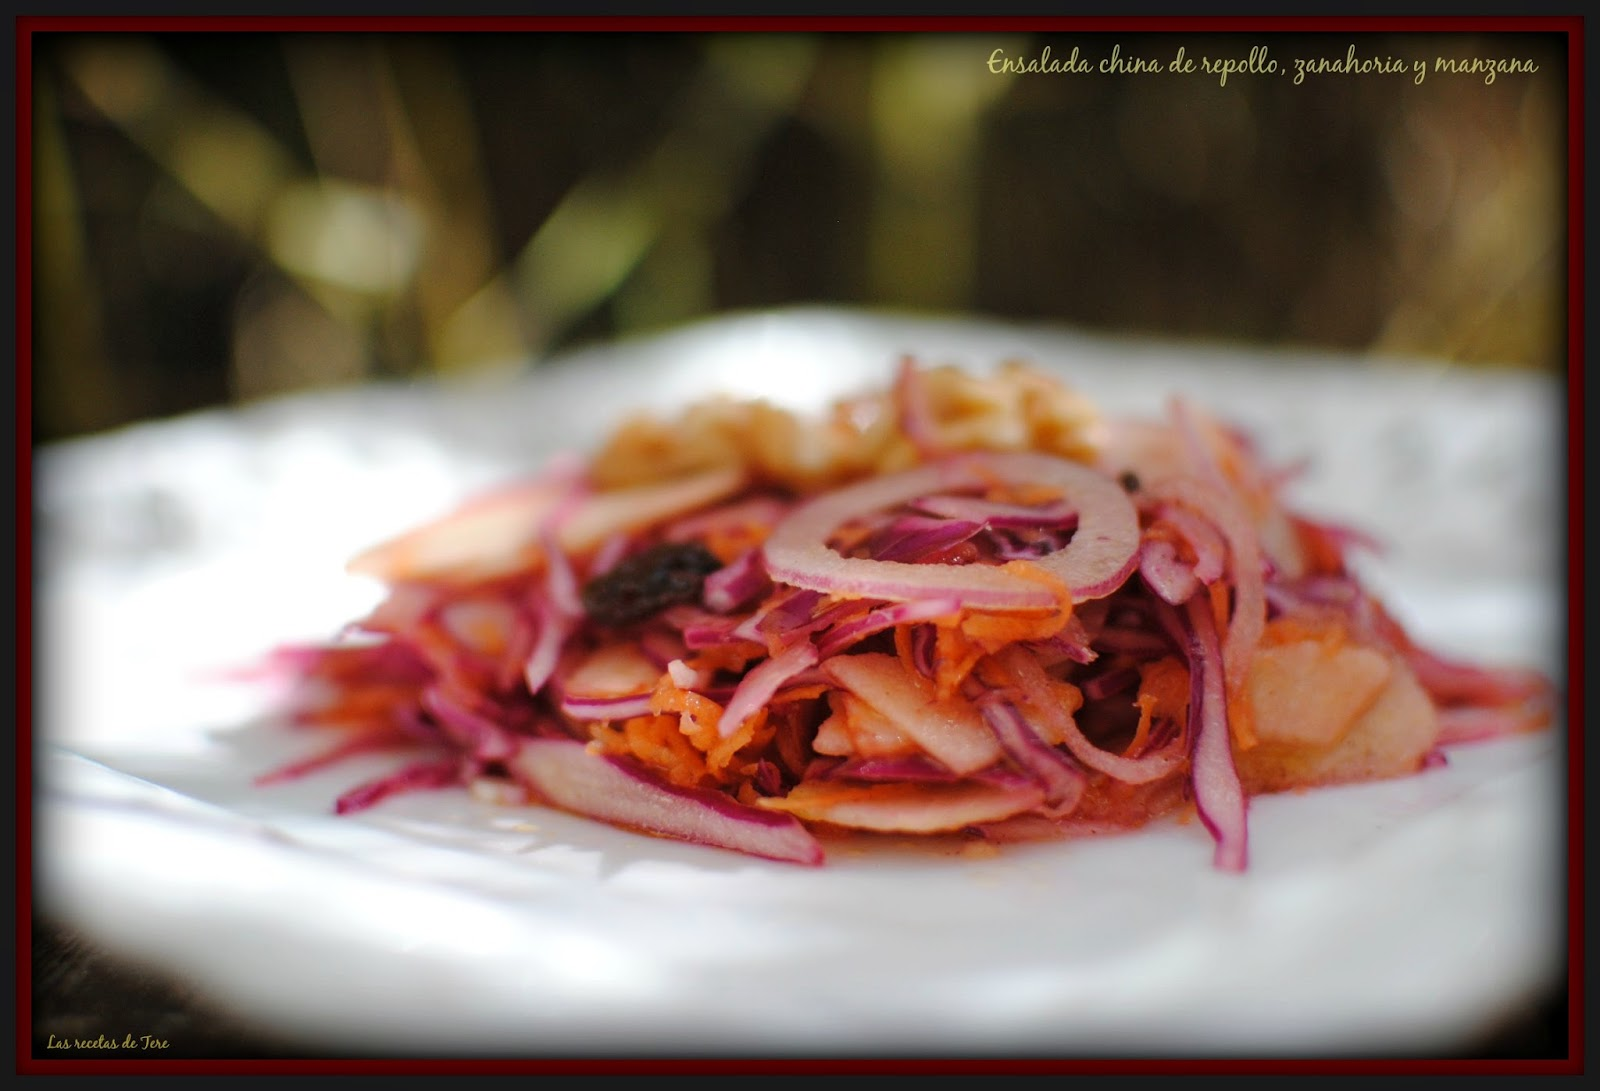 ensalada china de repollo zanahoria y manzana 05